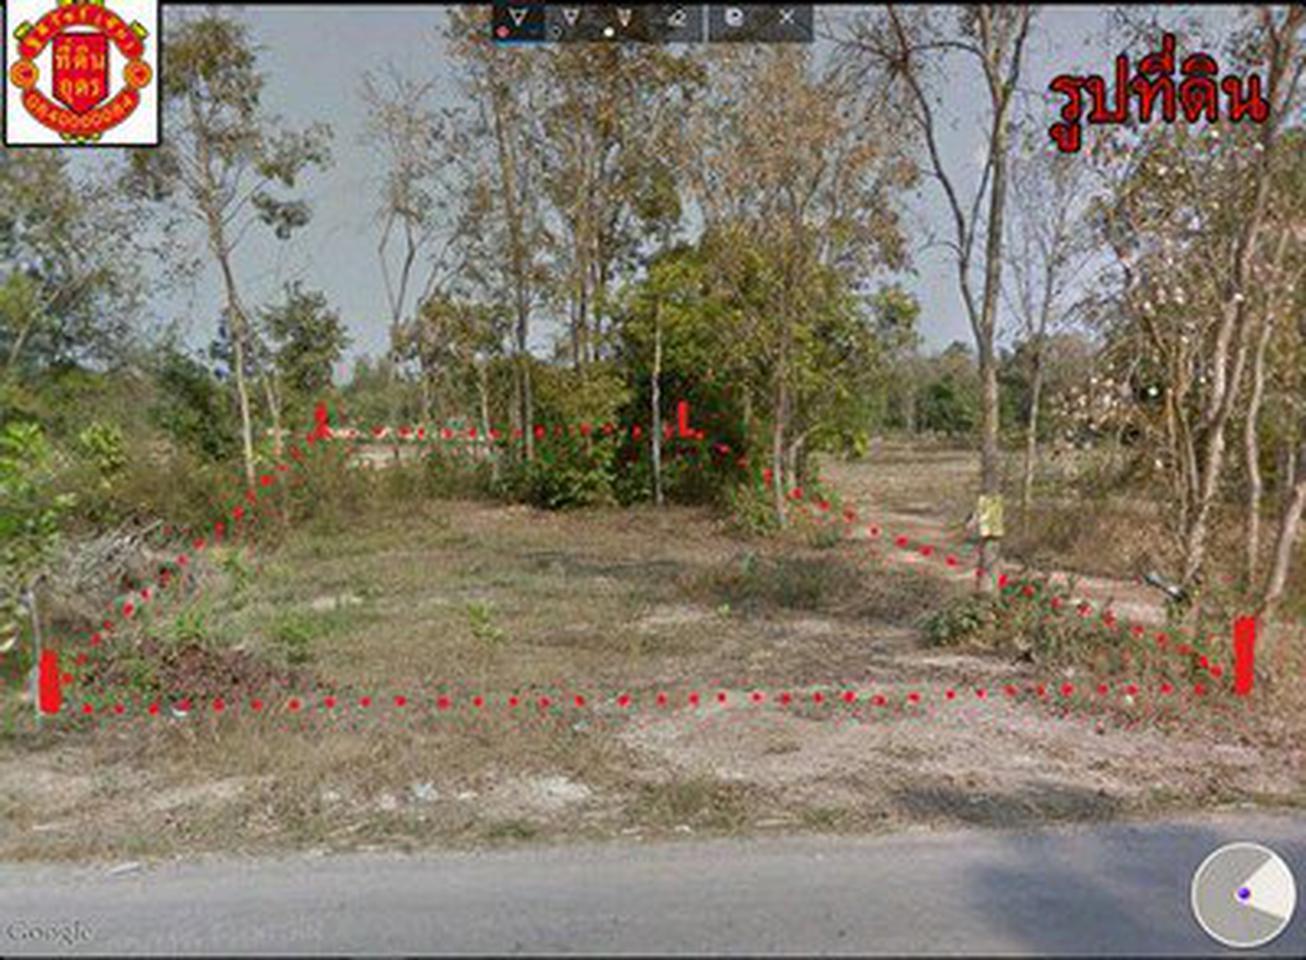 **ลดราคา**ขายที่ดินเปล่า (1-1-19) จุดสังเกต(วัดป่าภูทอง) บ้า รูปที่ 3